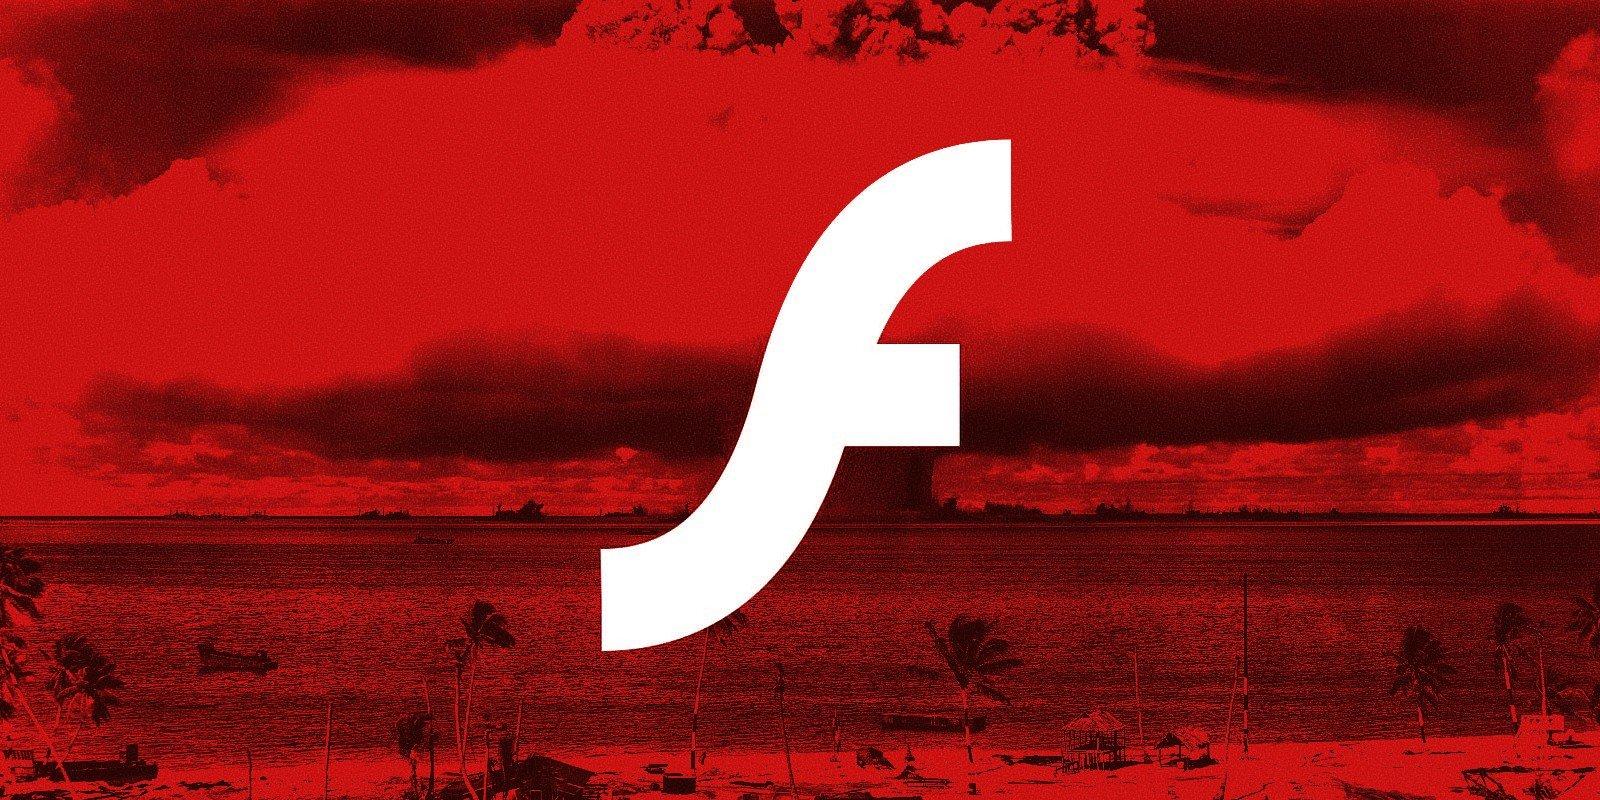 Adobe risolve una critica vulnerabilità in Flash Player